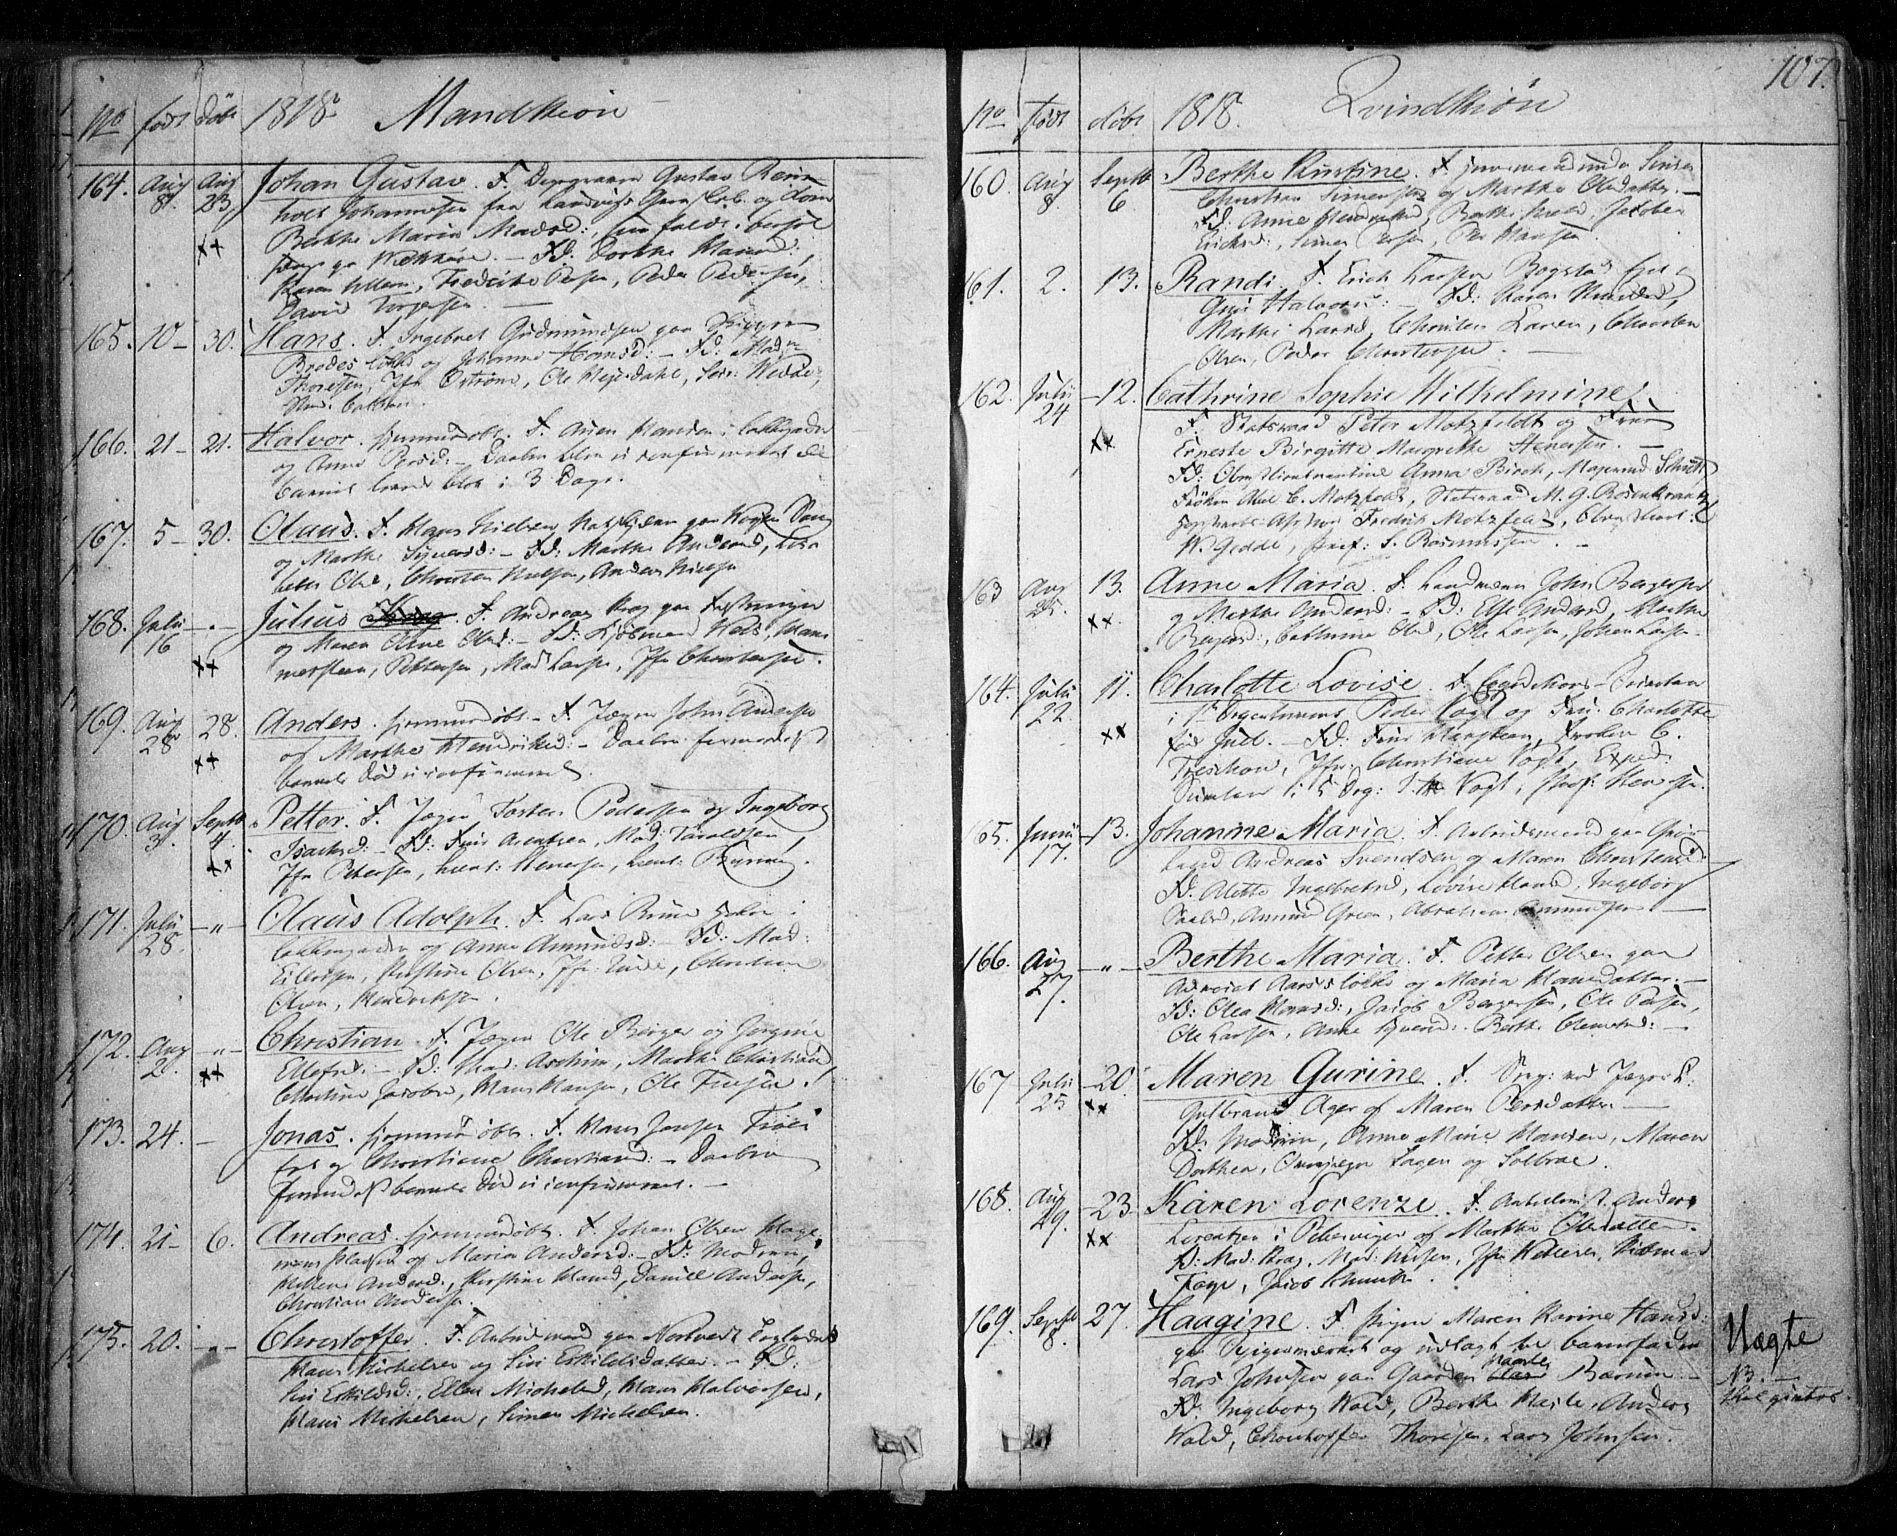 SAO, Aker prestekontor kirkebøker, F/L0011: Ministerialbok nr. 11, 1810-1819, s. 107